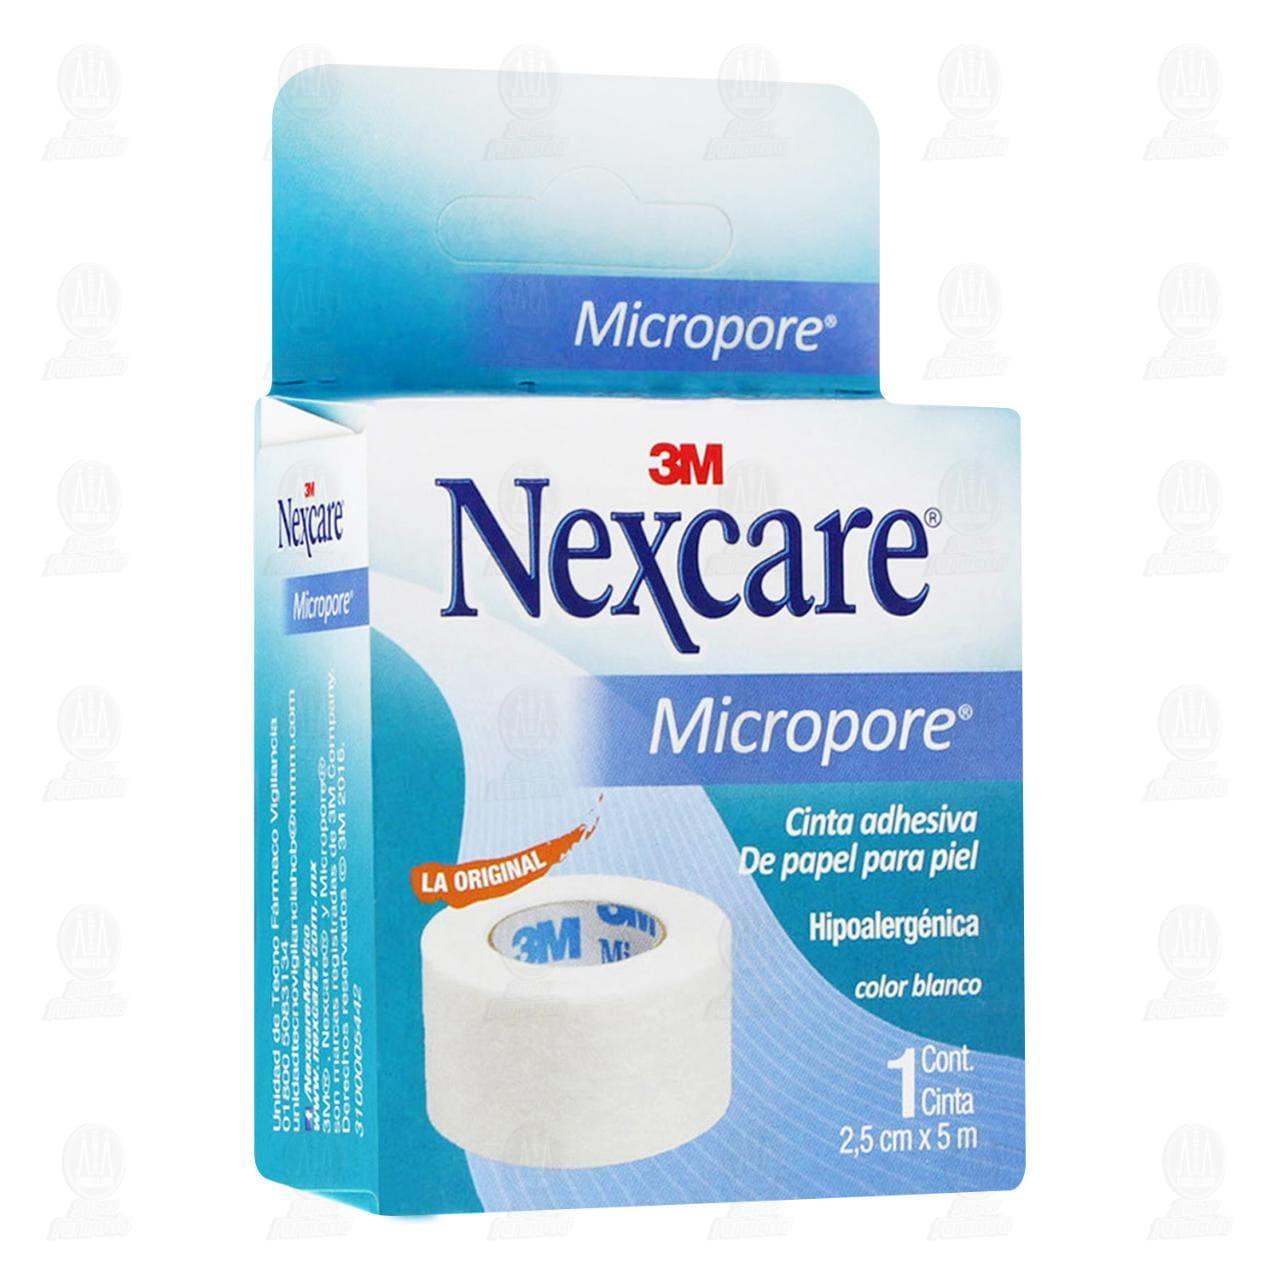 Comprar 3M Nexcare Micropore Cinta Adhesiva 2.5cm x 5m Color Blanco 1pz en Farmacias Guadalajara